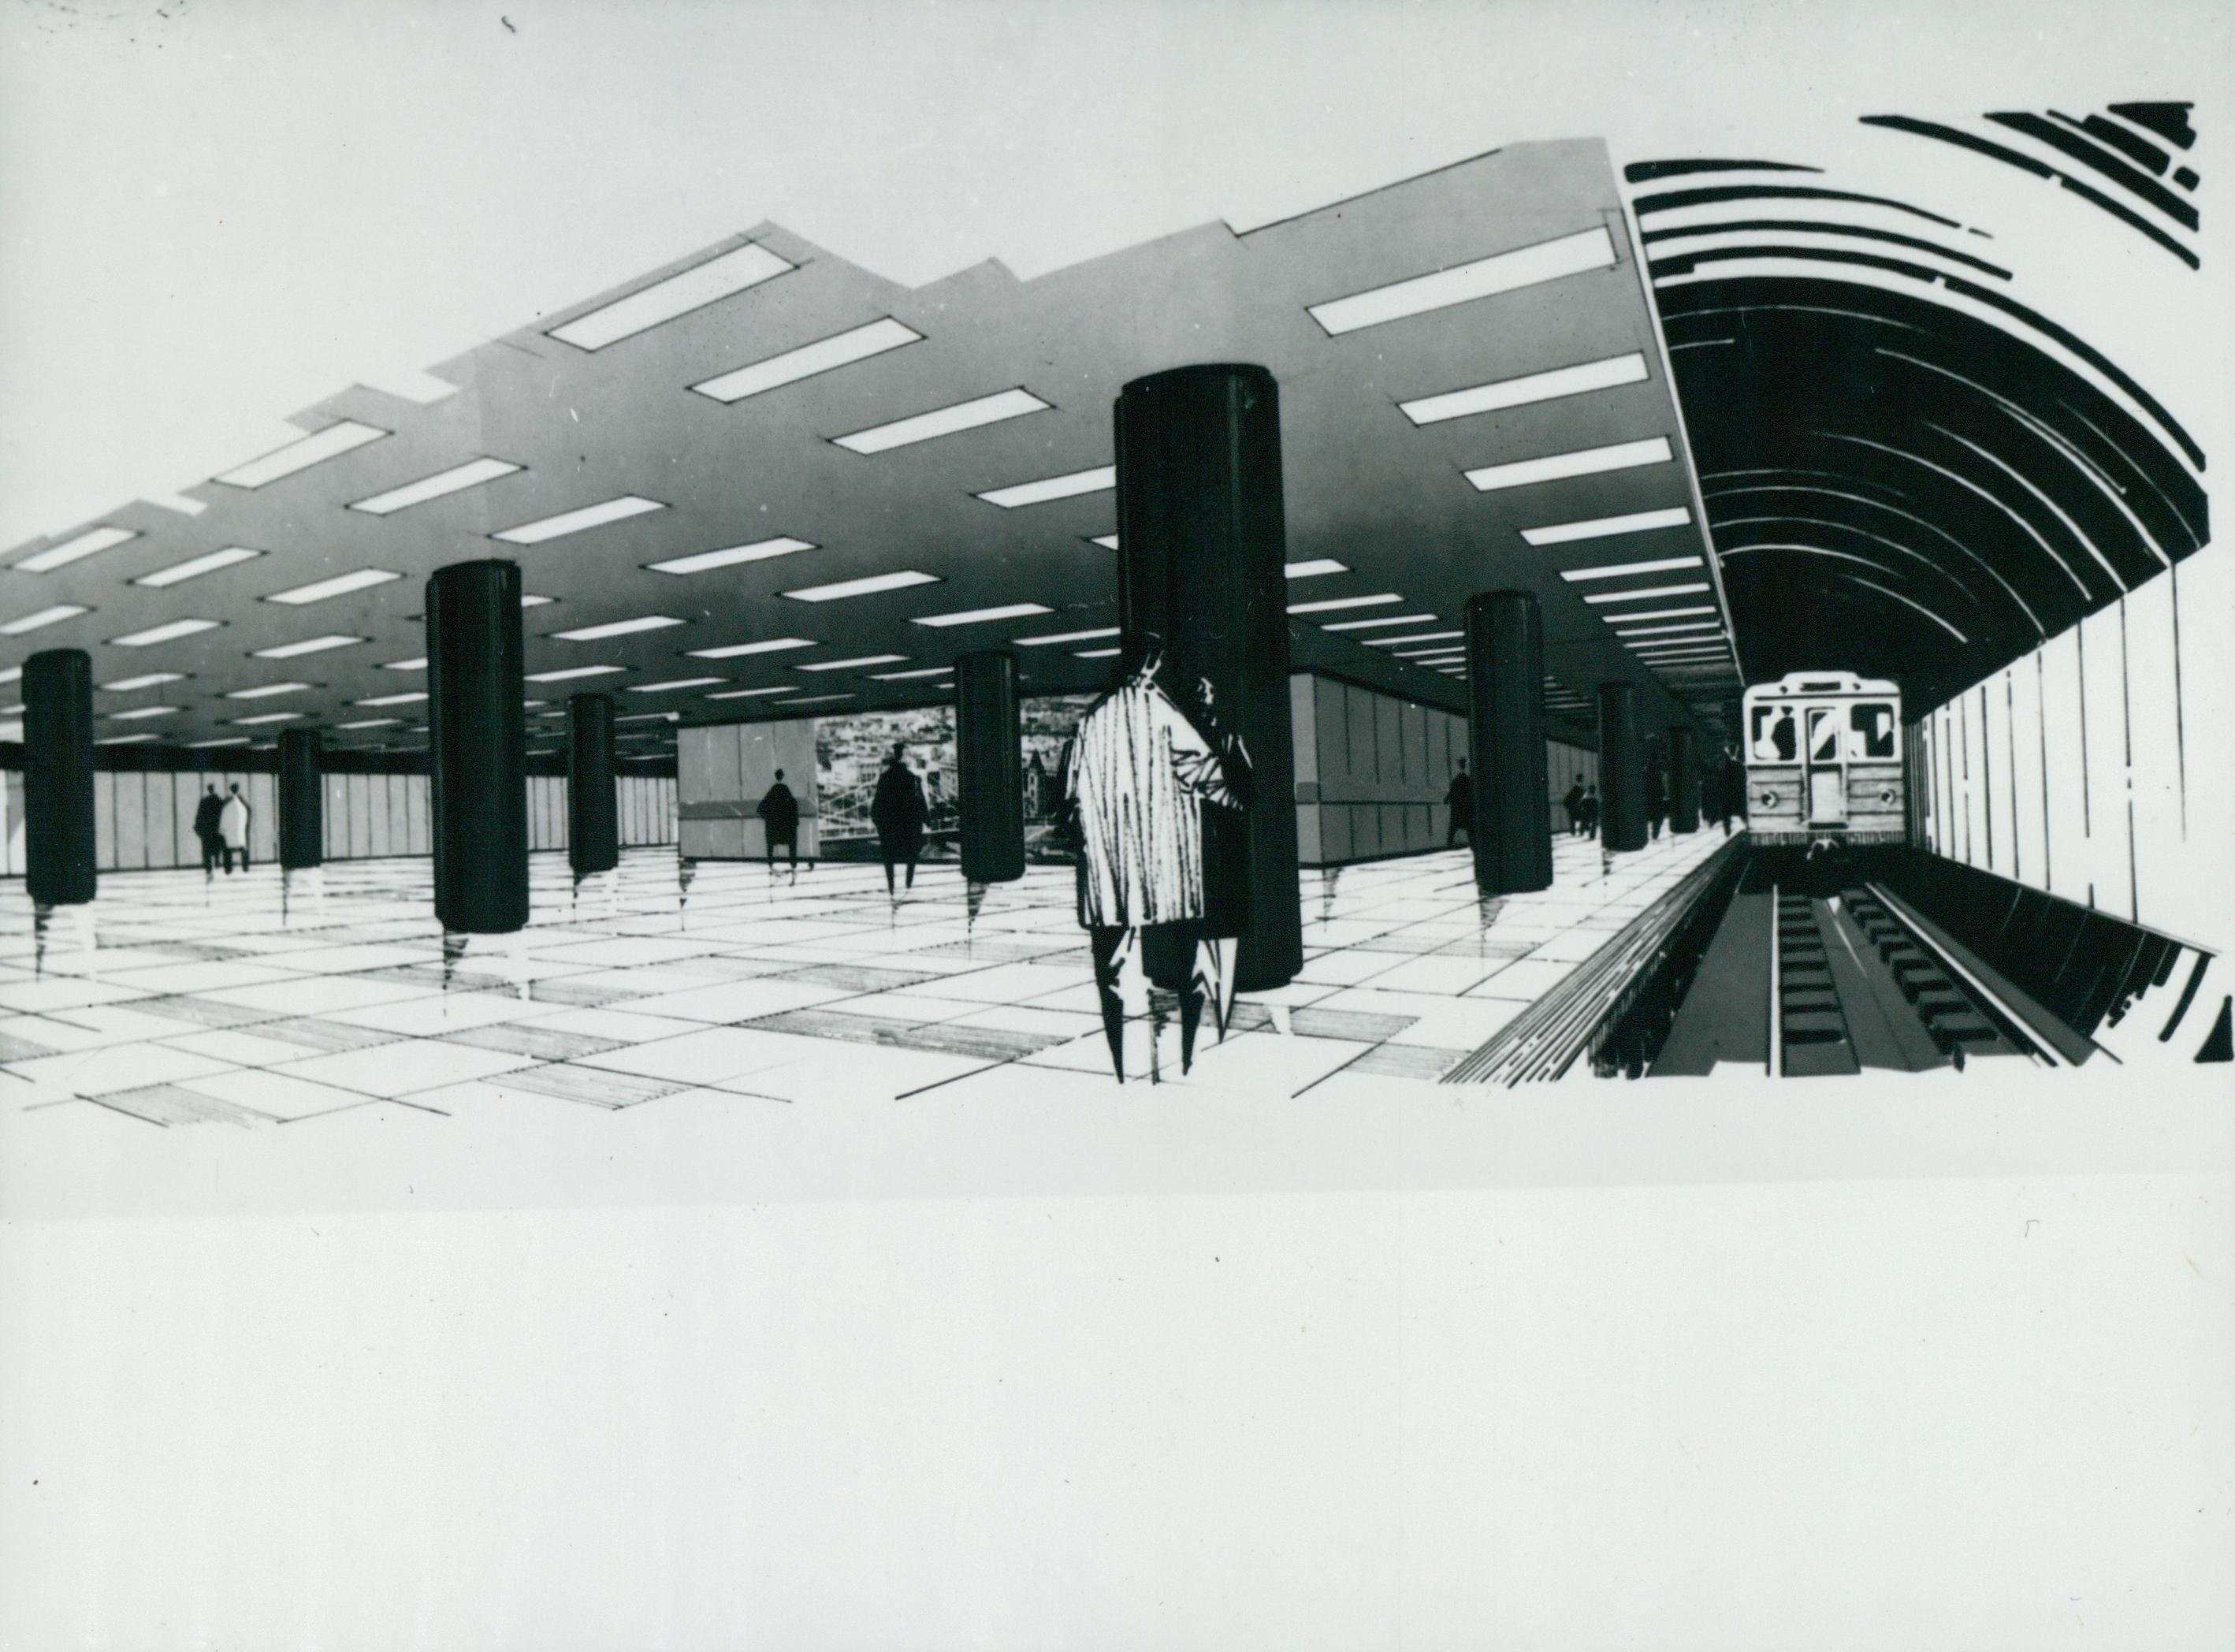 A 3-as metró Nagyvárad téri állomásának látványterve